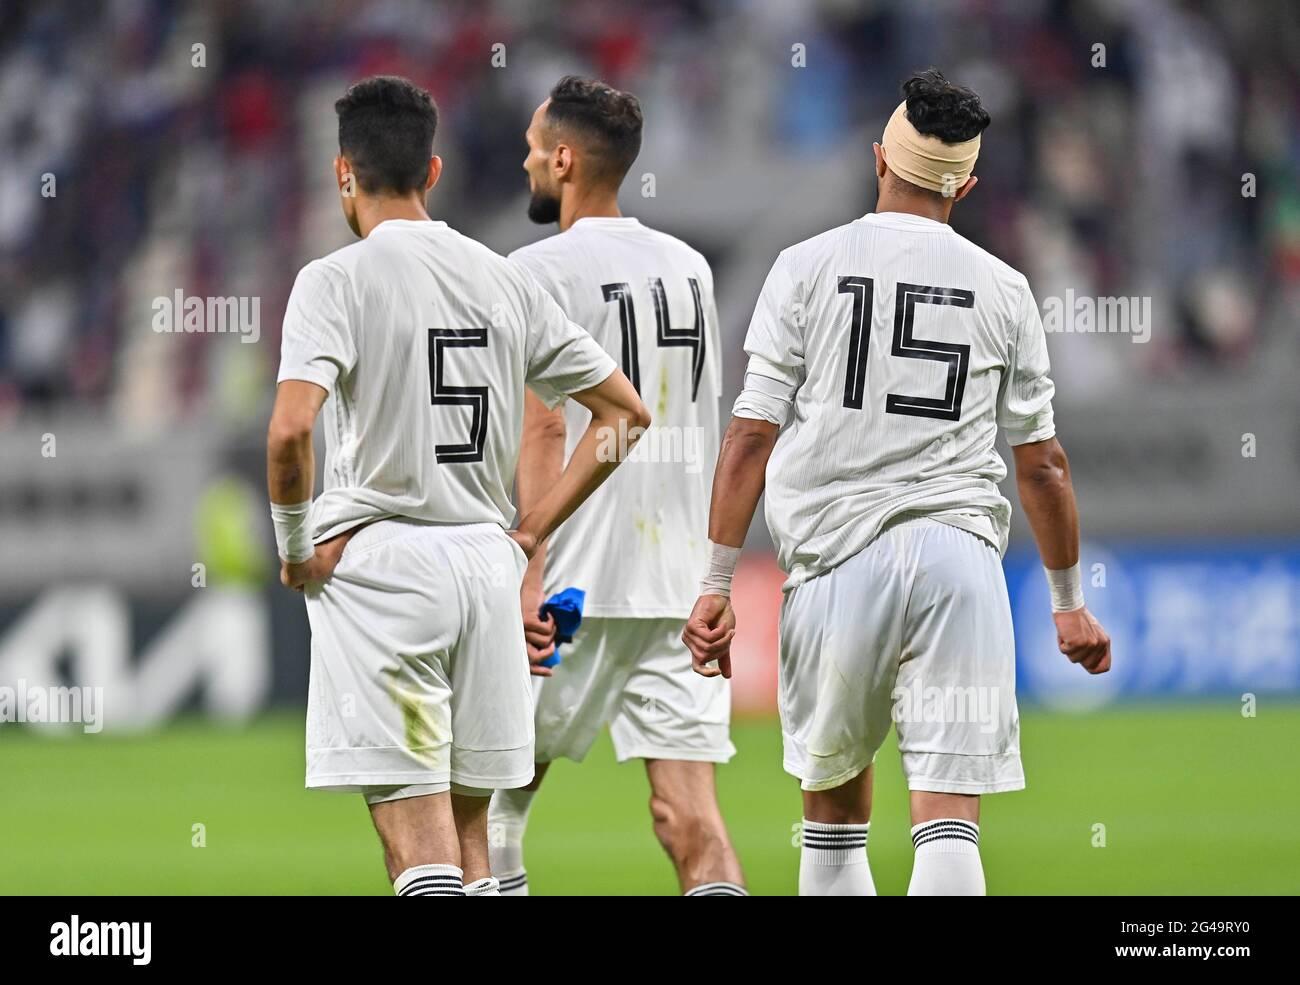 Doha, Qatar. 19 juin 2021. Les joueurs de Libye réagissent après le match de qualification de la coupe arabe de la FIFA au Qatar 2021 à Doha, au Qatar, le 19 juin 2021. Credit: Nikku /Xinhua/Alay Live News Banque D'Images